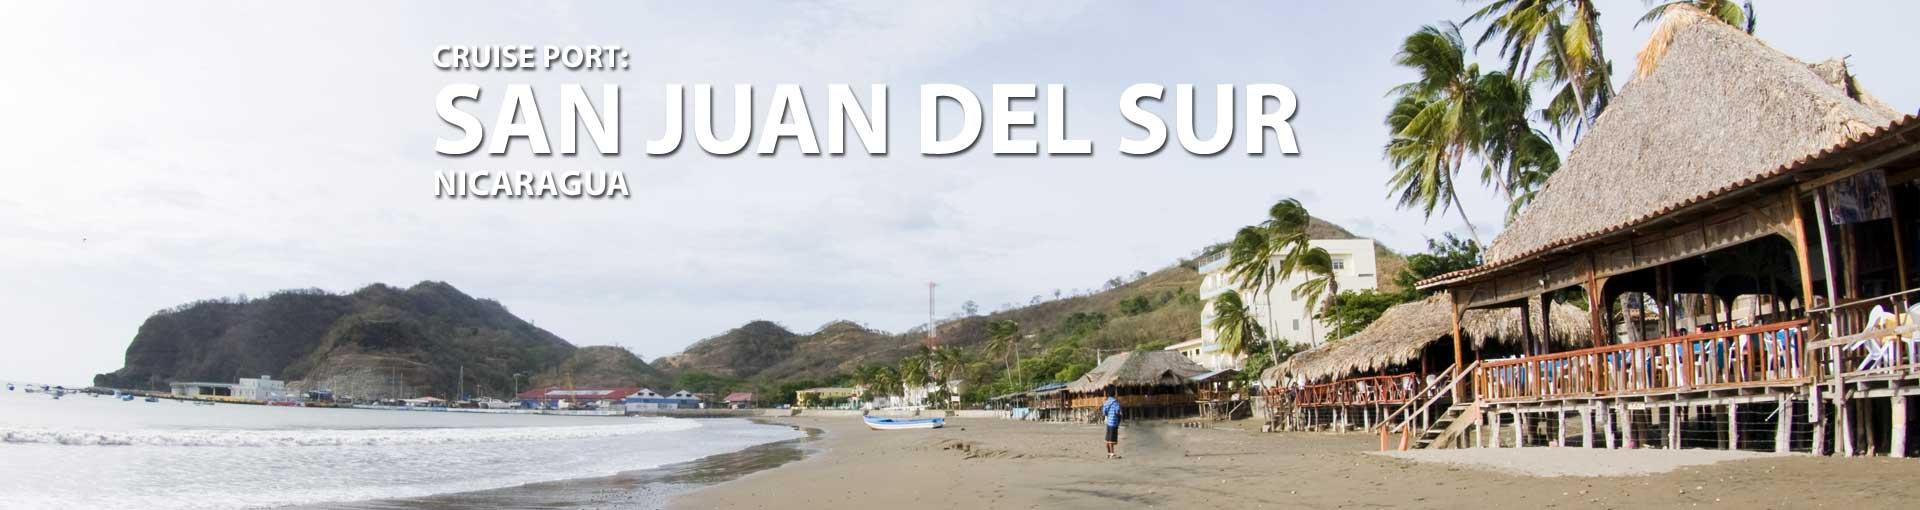 Cruises to San Juan Del Sur, Nicaragua